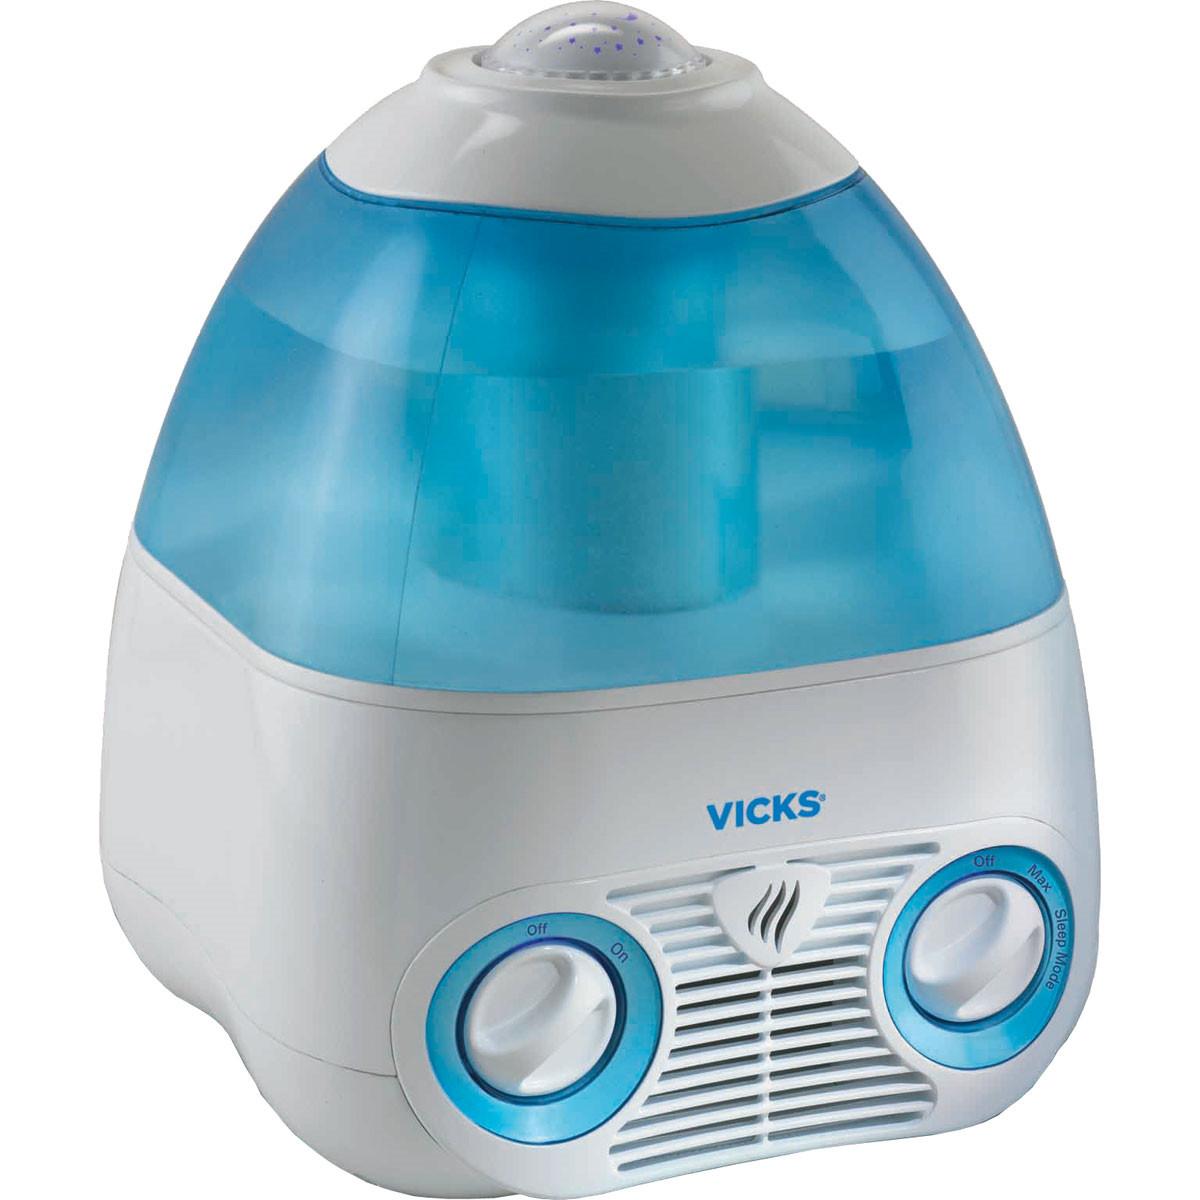 VICKS ヴィックス 気化式加湿器 V3700 星のプロジェクター付